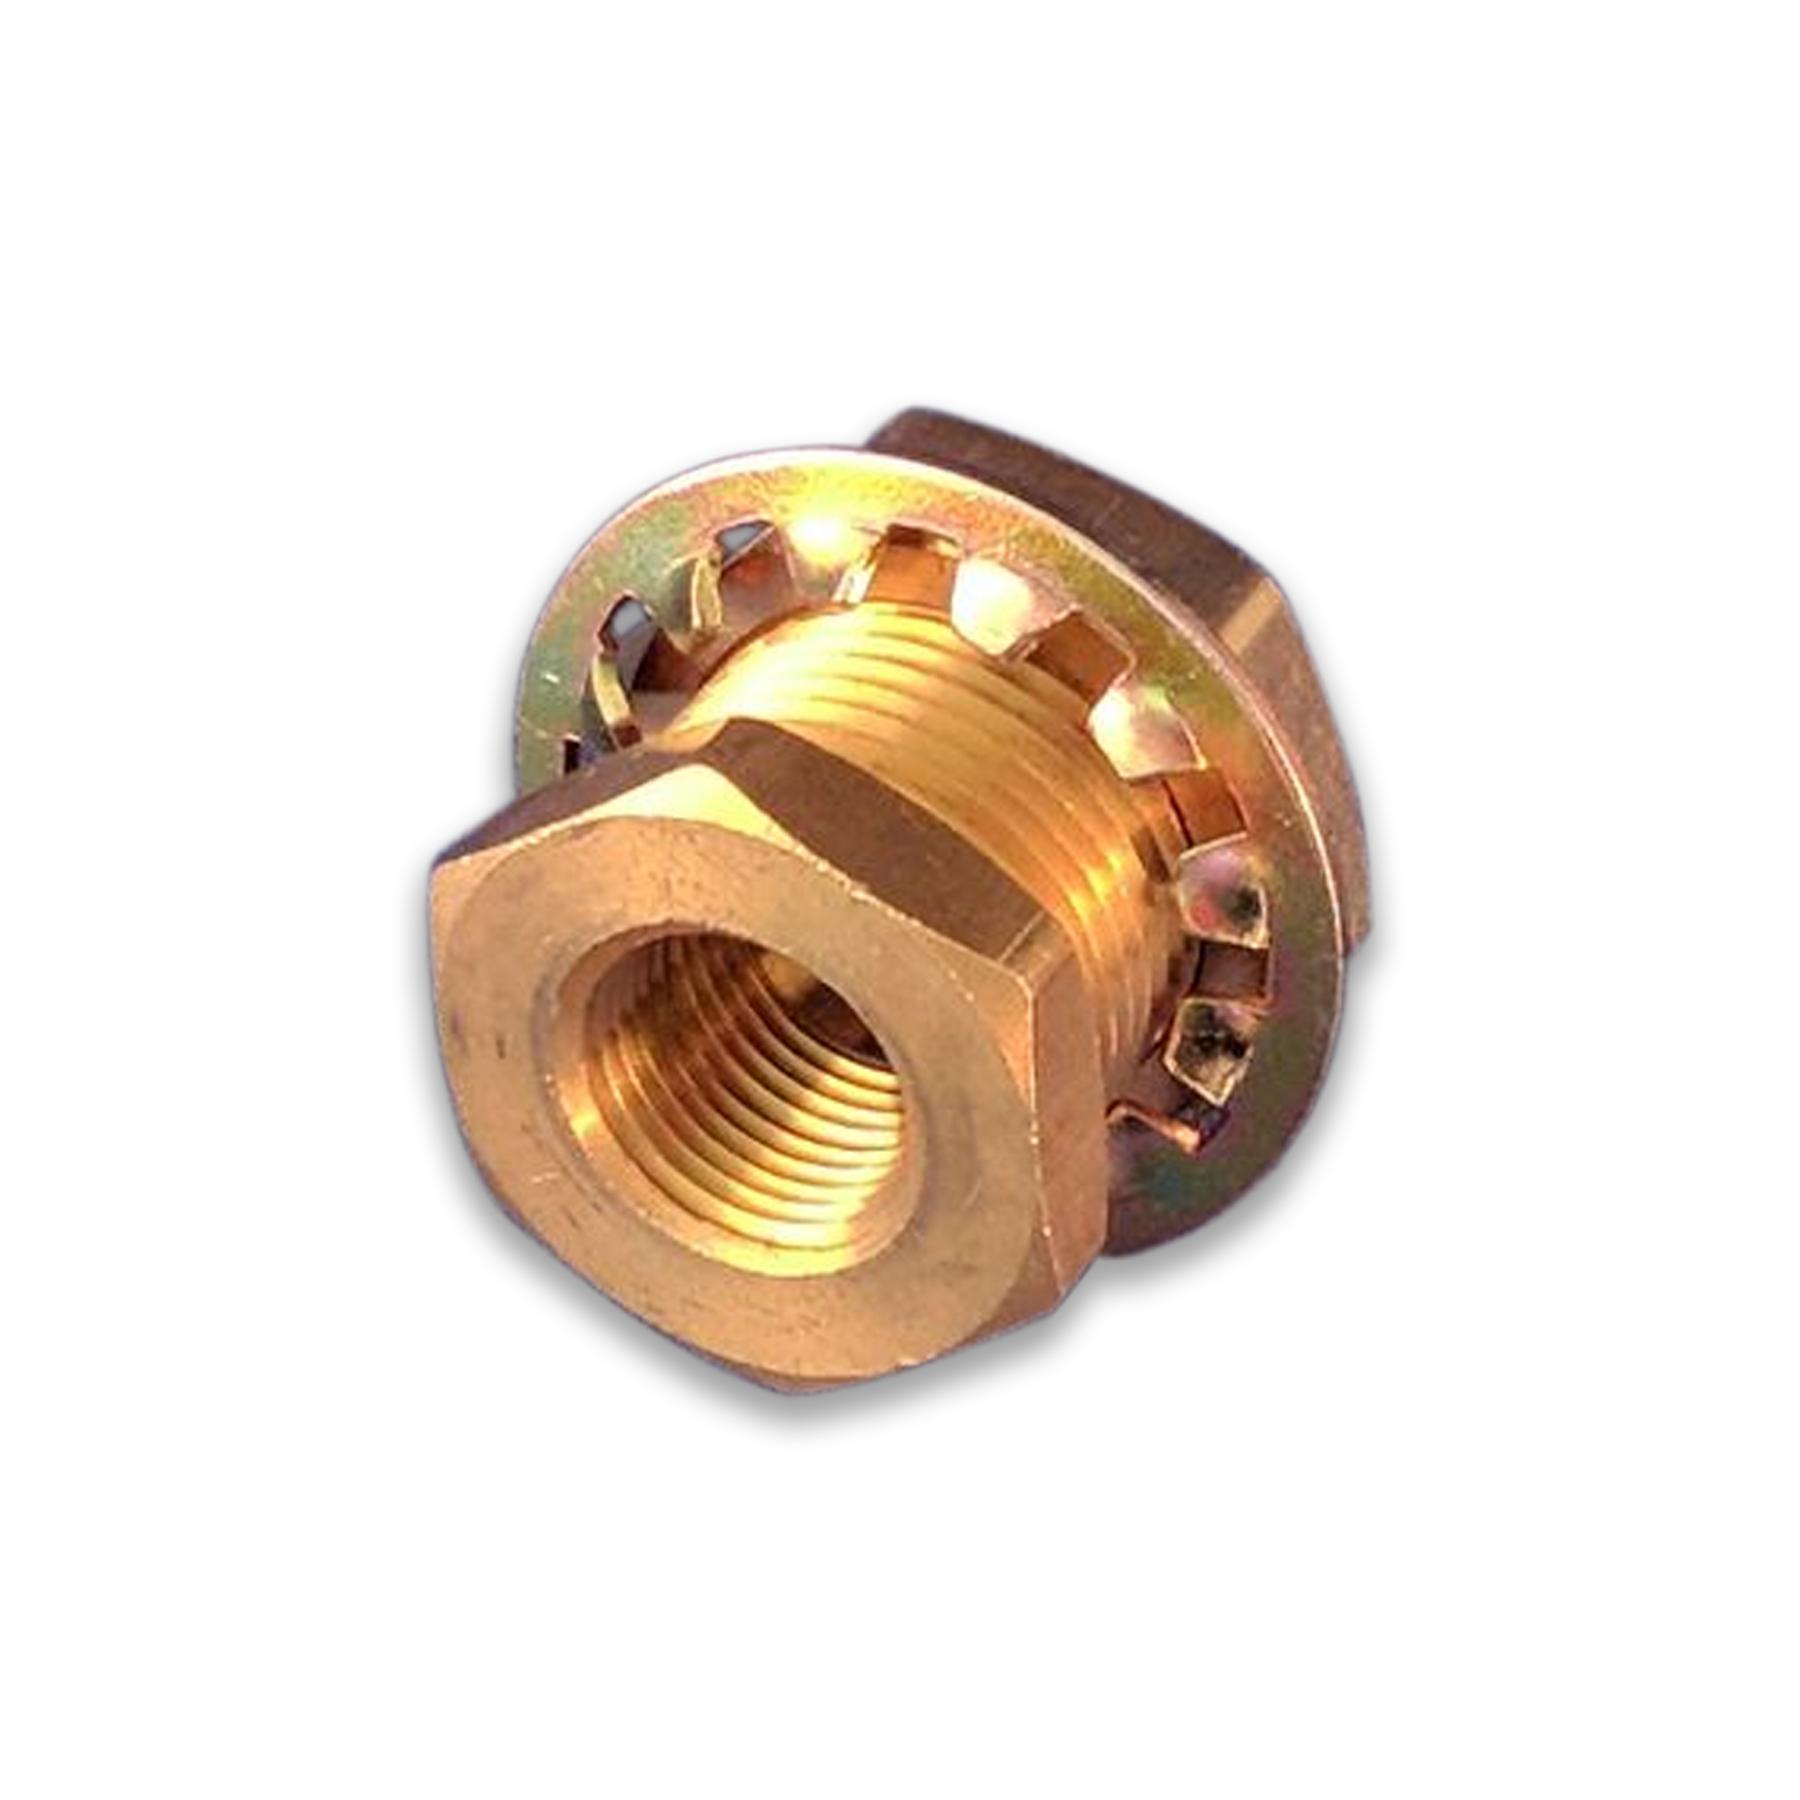 Brass Bulkhead Fitting, 3/8 in. x 3/8 in. (F) NPT